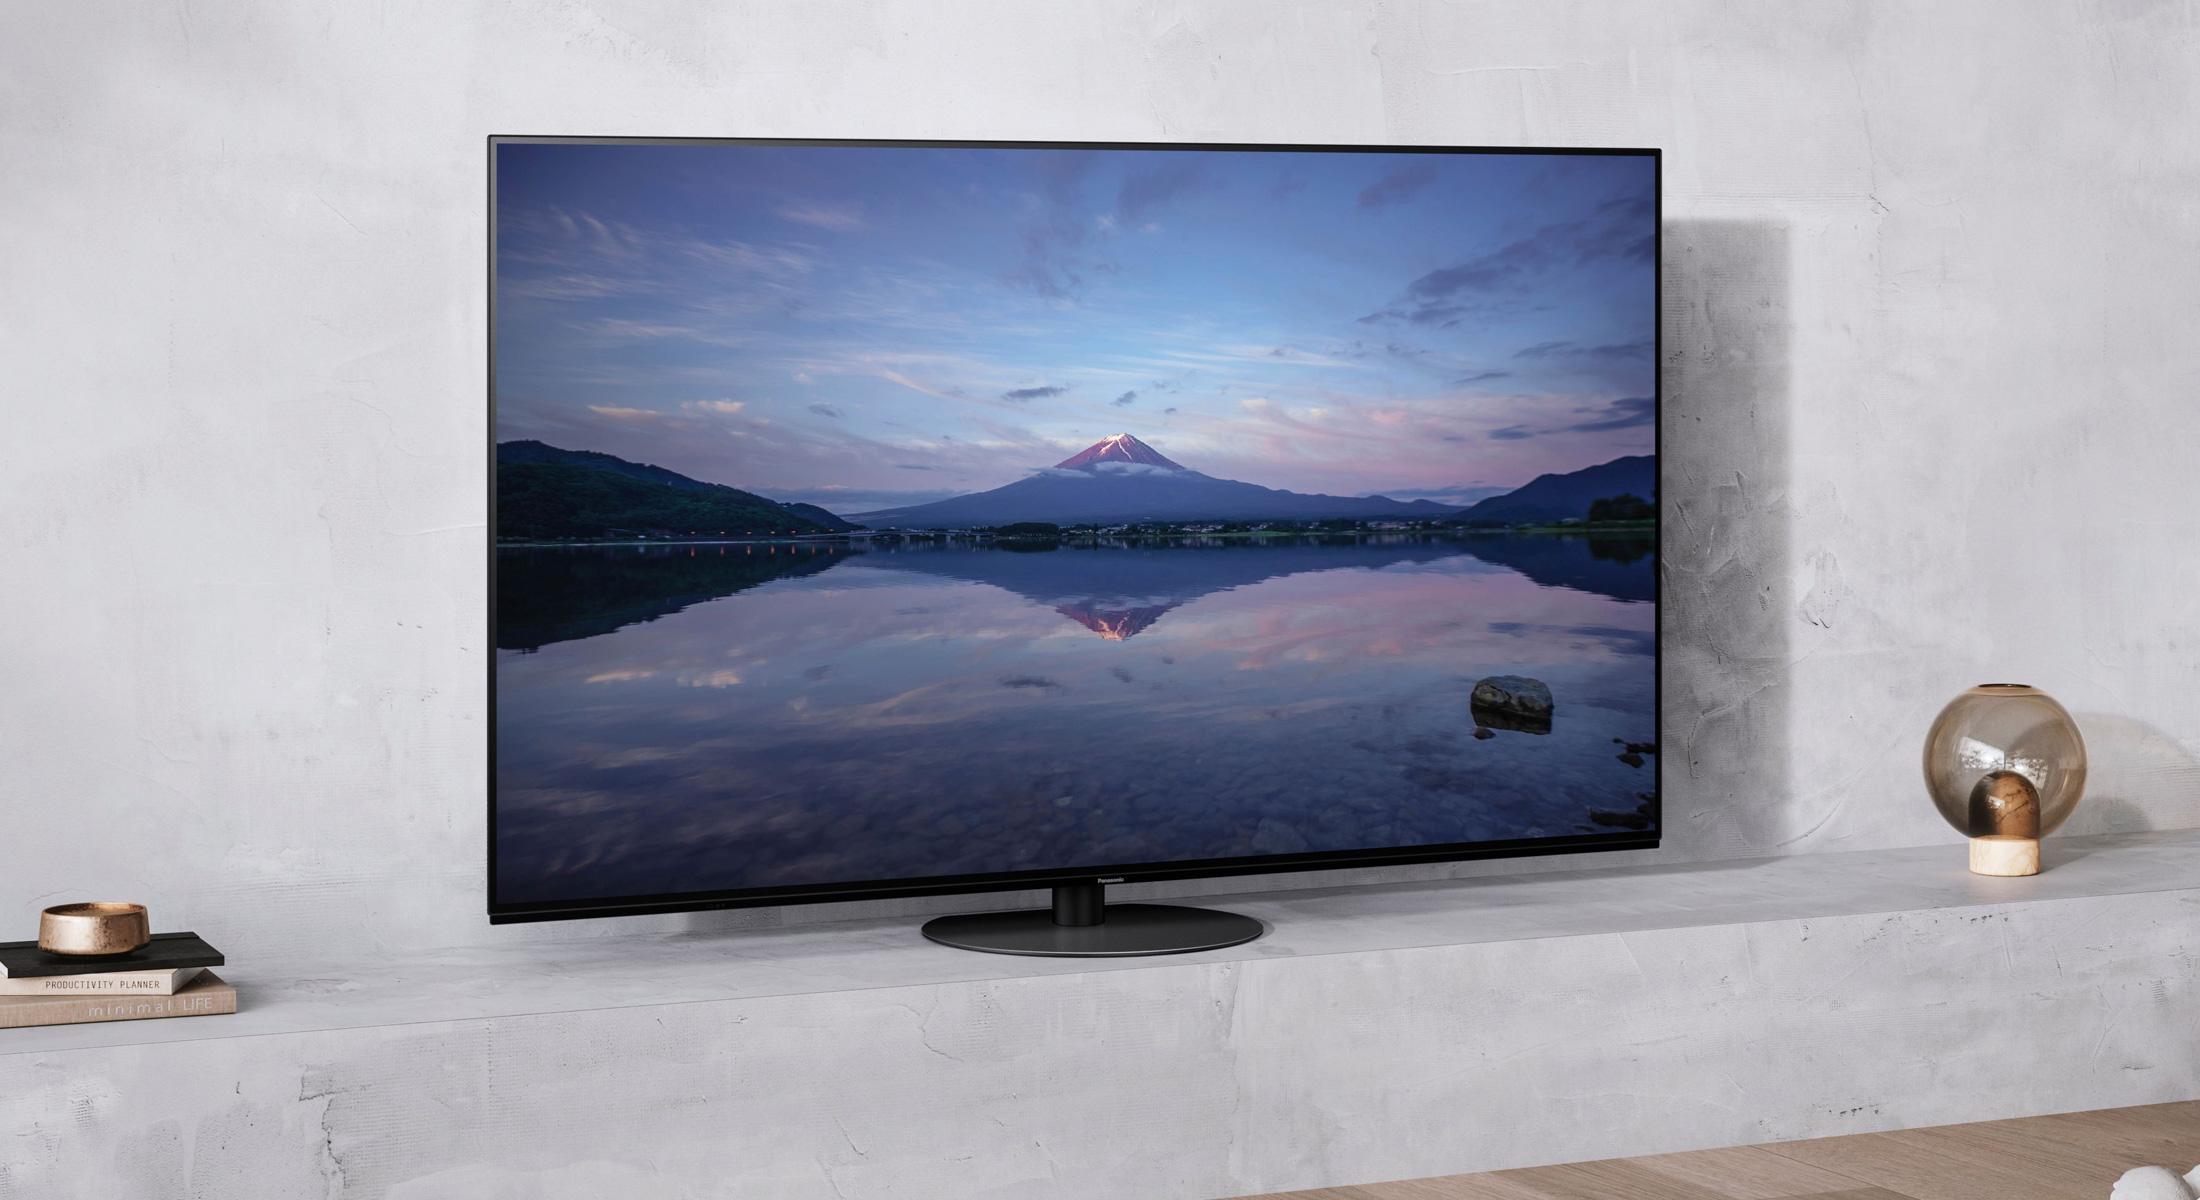 Test du Panasonic TX-48JZ1000E : un TV parfaitement calibré pour le cinéma et assez réactif pour le jeu